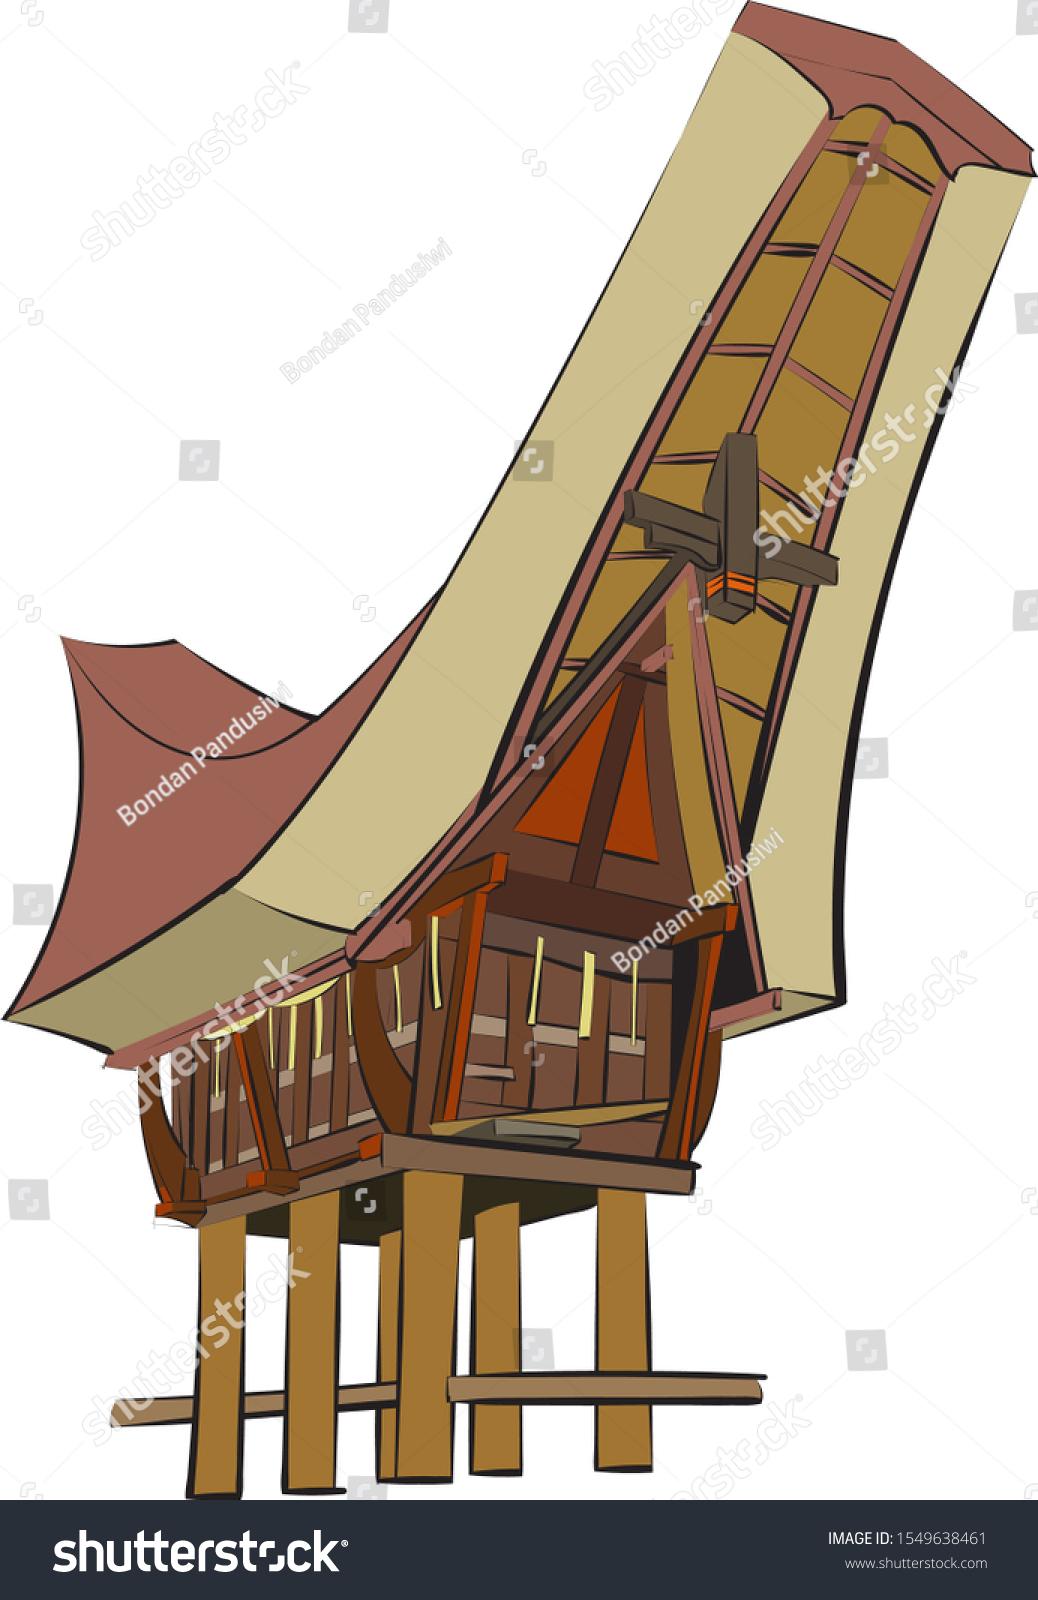 Rumah Adat Vector : rumah, vector, Rumah, Panggung, Toraja, Indonesia, Stock, Vector, (Royalty, Free), 1549638461